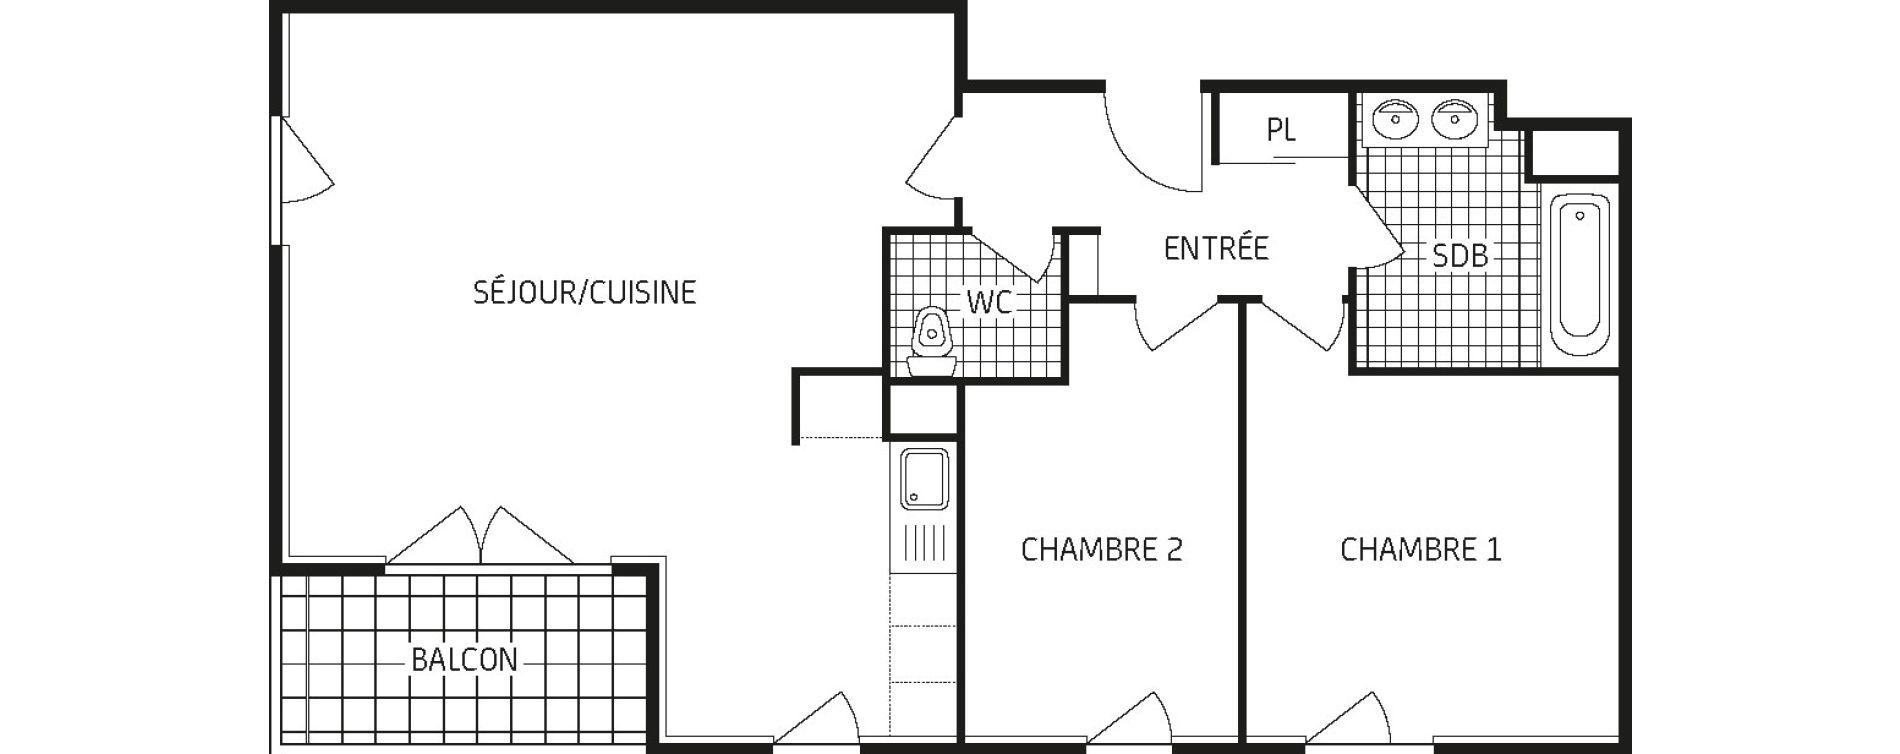 Appartement T3 de 67,53 m2 à Amiens Intercampus